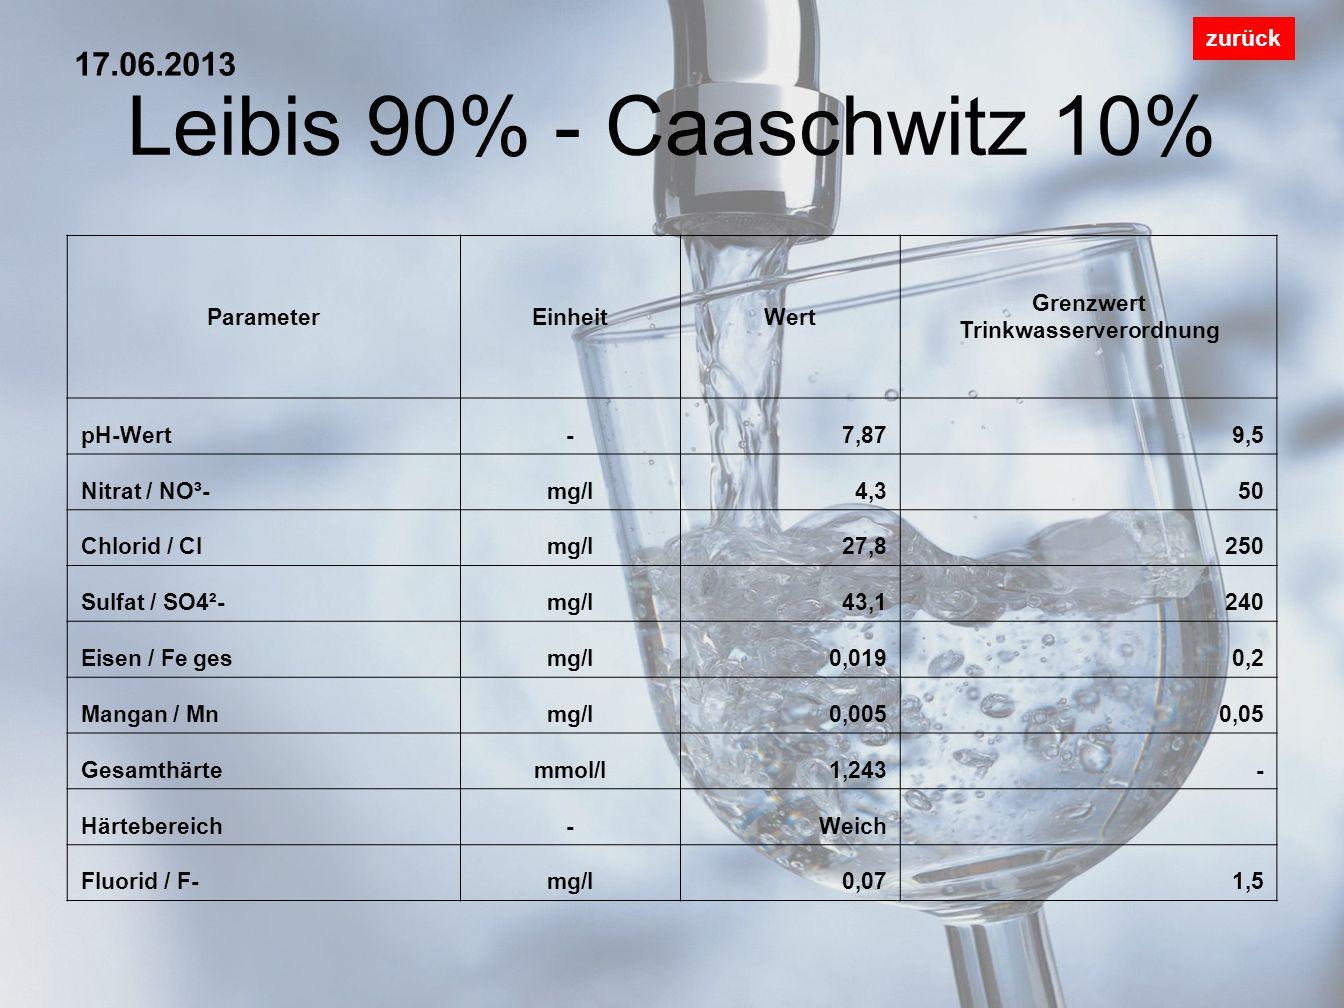 Scheubengrobsdorf 10%- Leibis 90% zurück ParameterEinheitWert Grenzwert Trinkwasserverordnung pH-Wert-7,79,5 Nitrat / NO³-mg/l6,550 Chlorid / Clmg/l27,6250 Sulfat / SO4²-mg/l36,8240 Eisen / Fe gesmg/l0,0290,2 Mangan / Mnmg/l<0,0050,05 Gesamthärtemmol/l1,47- Härtebereich-Weich Fluorid / F-mg/l0,051,5 17.06.2013